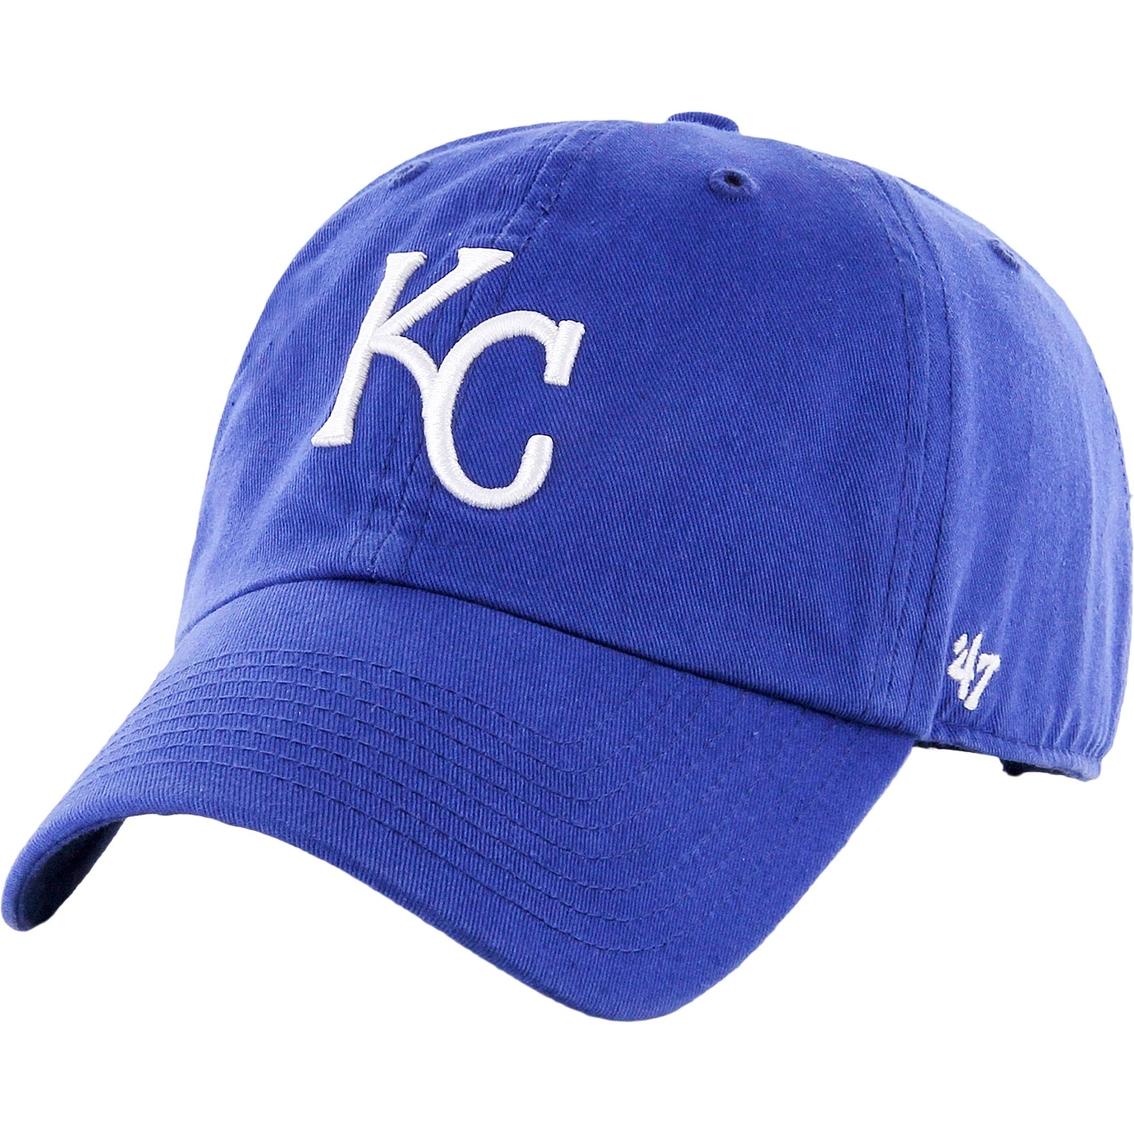 692bd9029ed1a 47 Brand Mlb Kansas City Royals Clean Up Baseball Cap